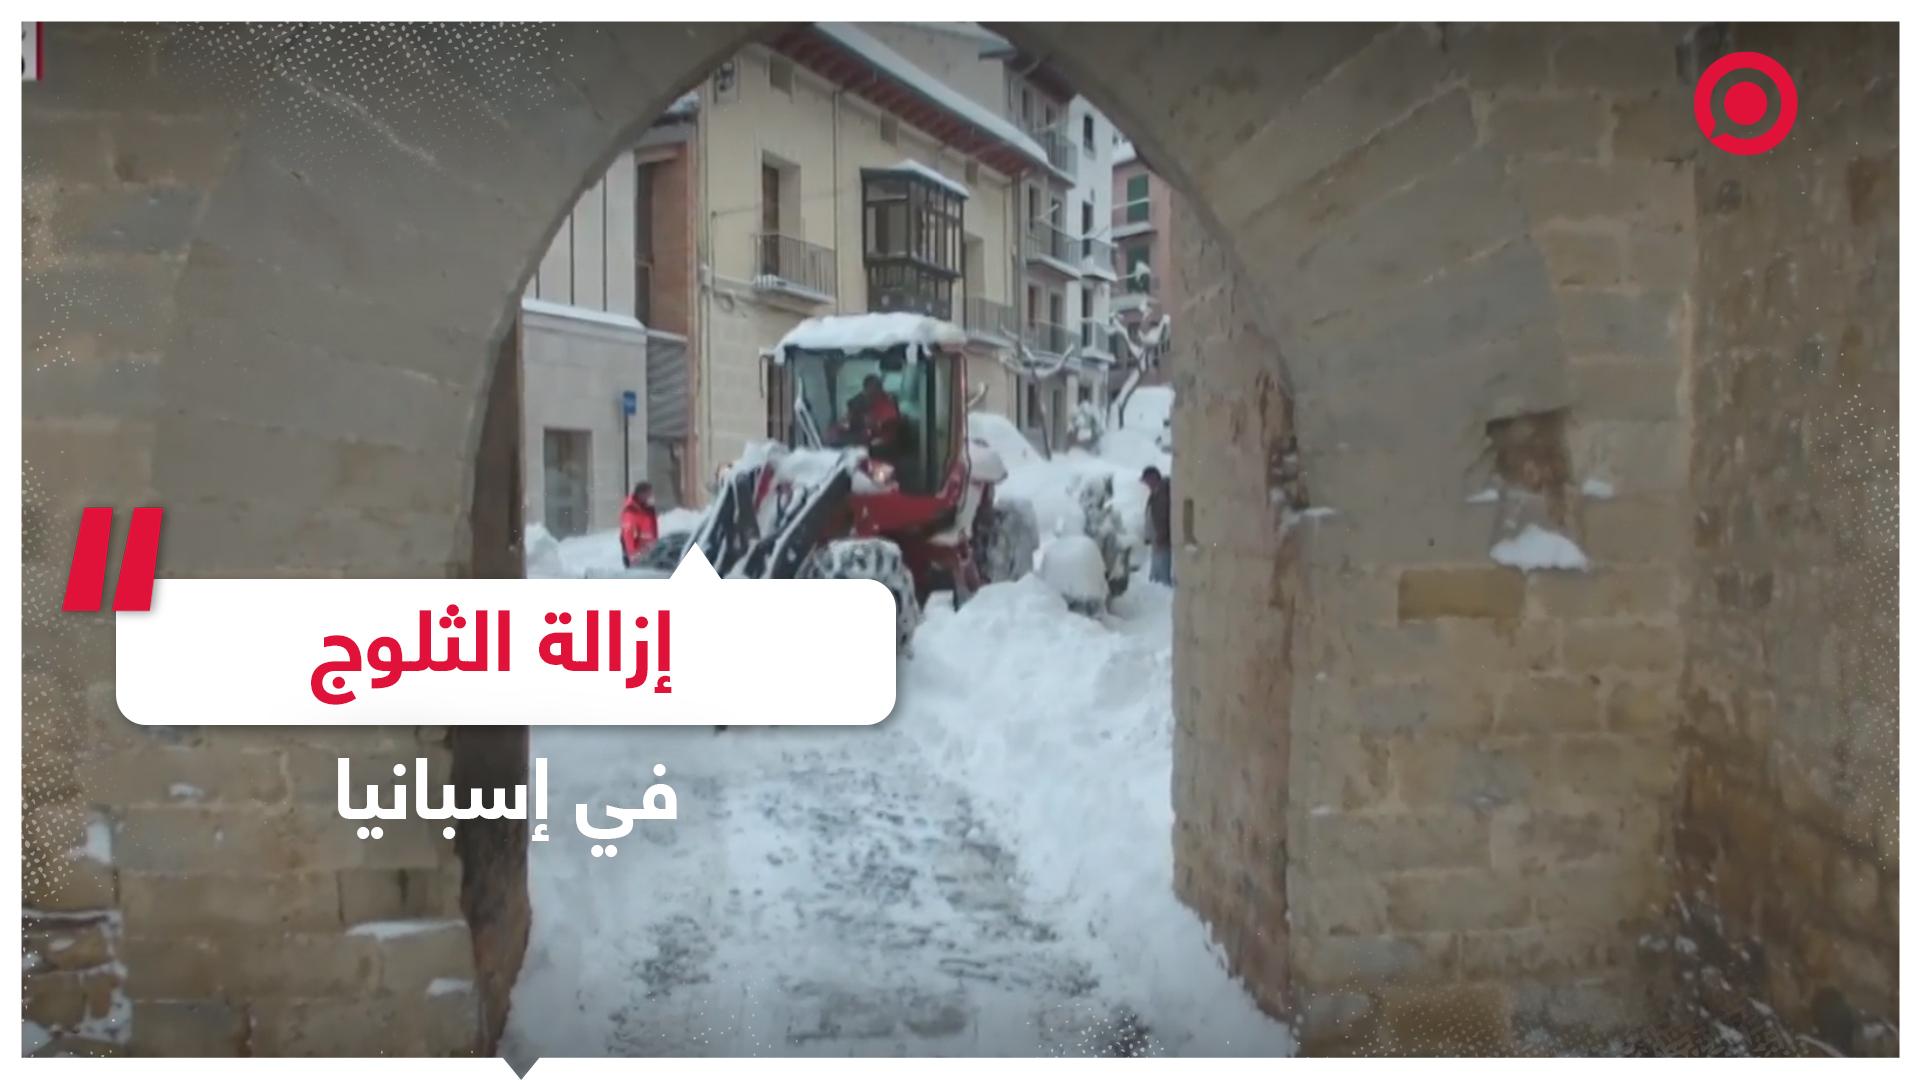 جهود جبارة لإزالة الثلوج في إسبانيا بعد عاصفة ثلجية هي الأولى منذ 50 عاما